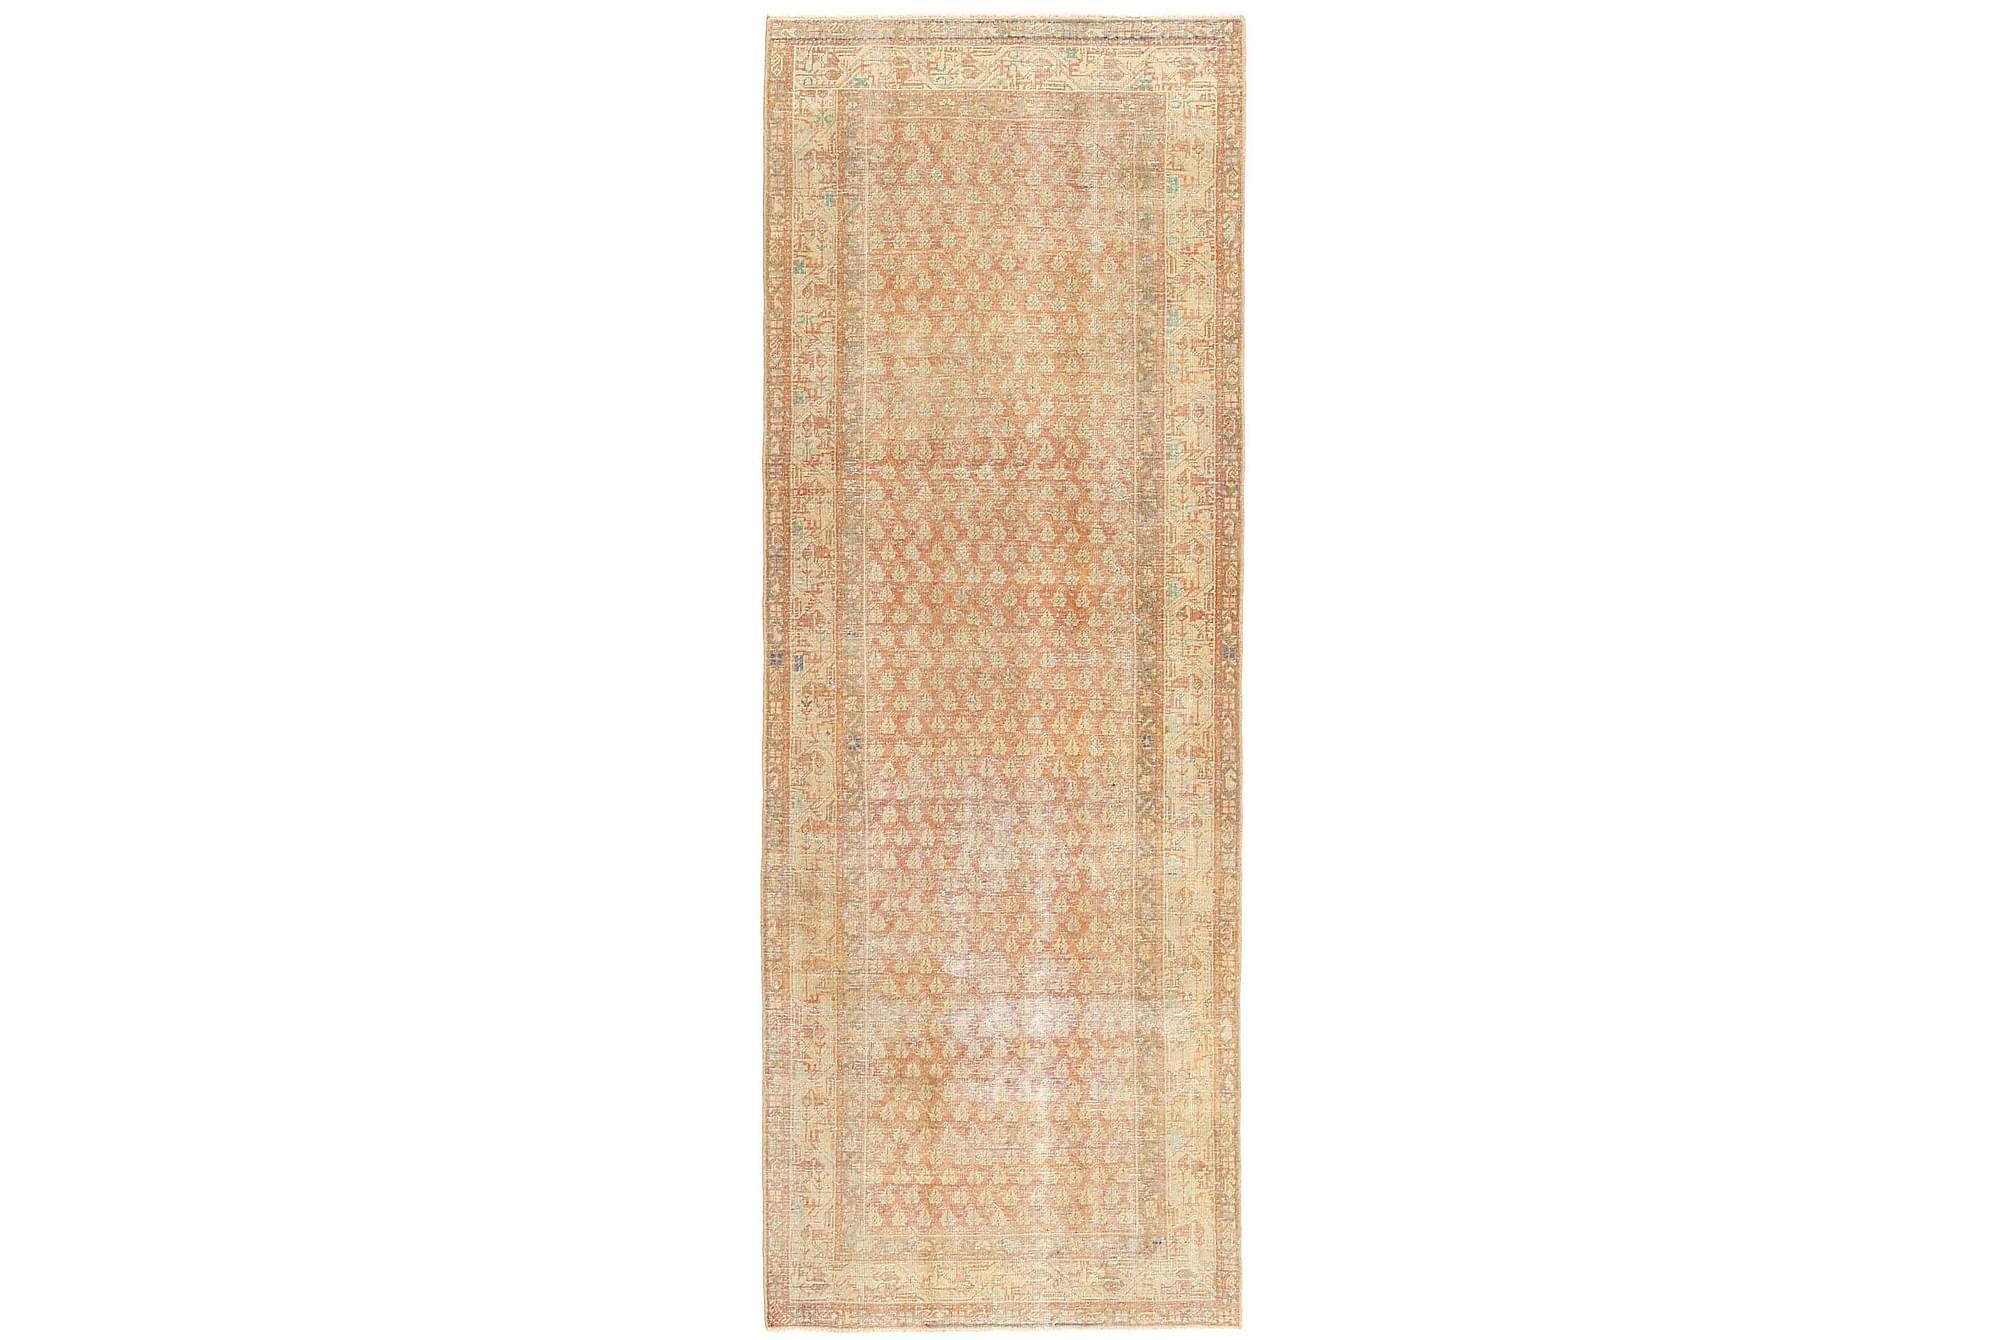 SAROUGH Orientalisk Matta 110×320 Patina Beige